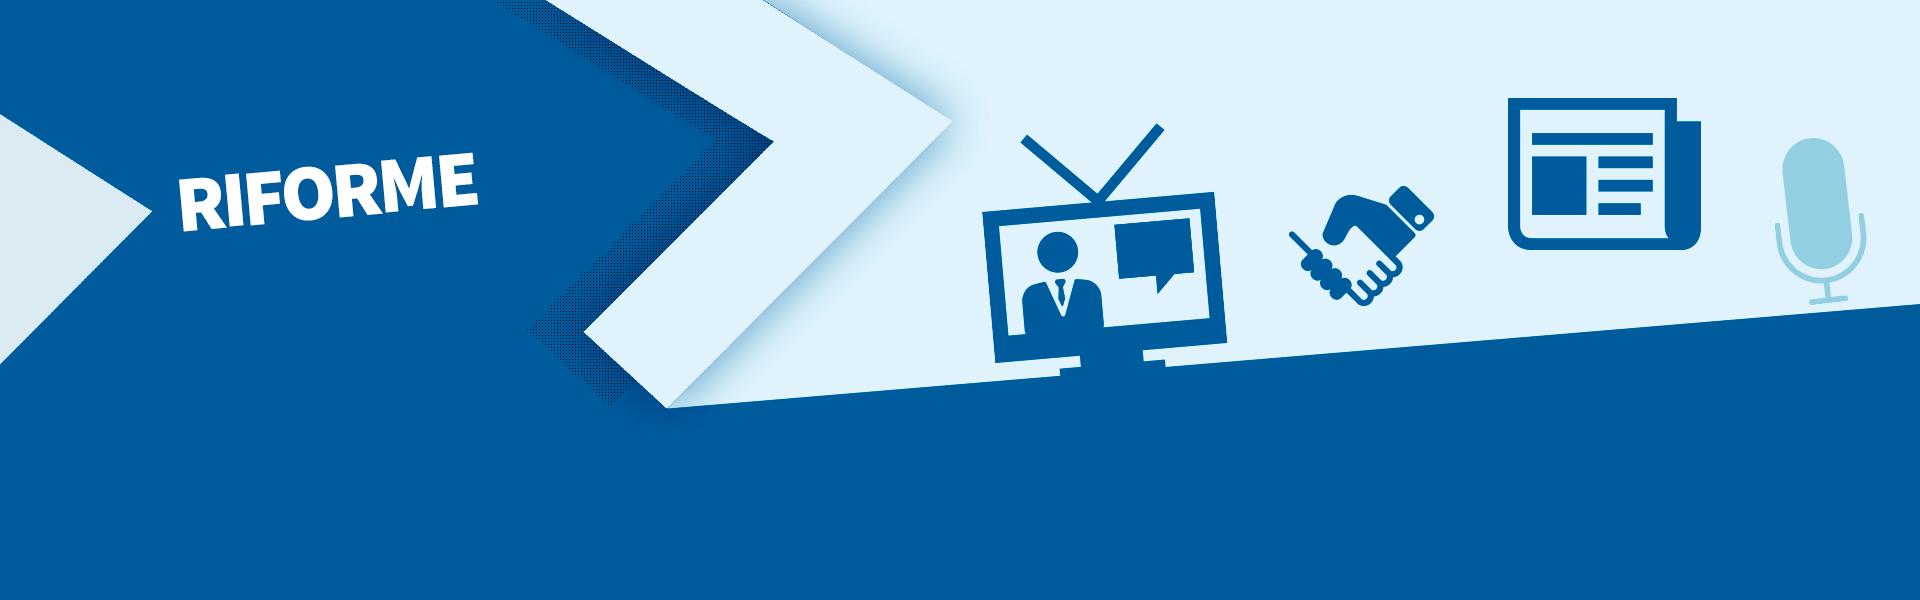 Editoria e concessioni del servizio pubblico radiofonico, televisivo e multimediale